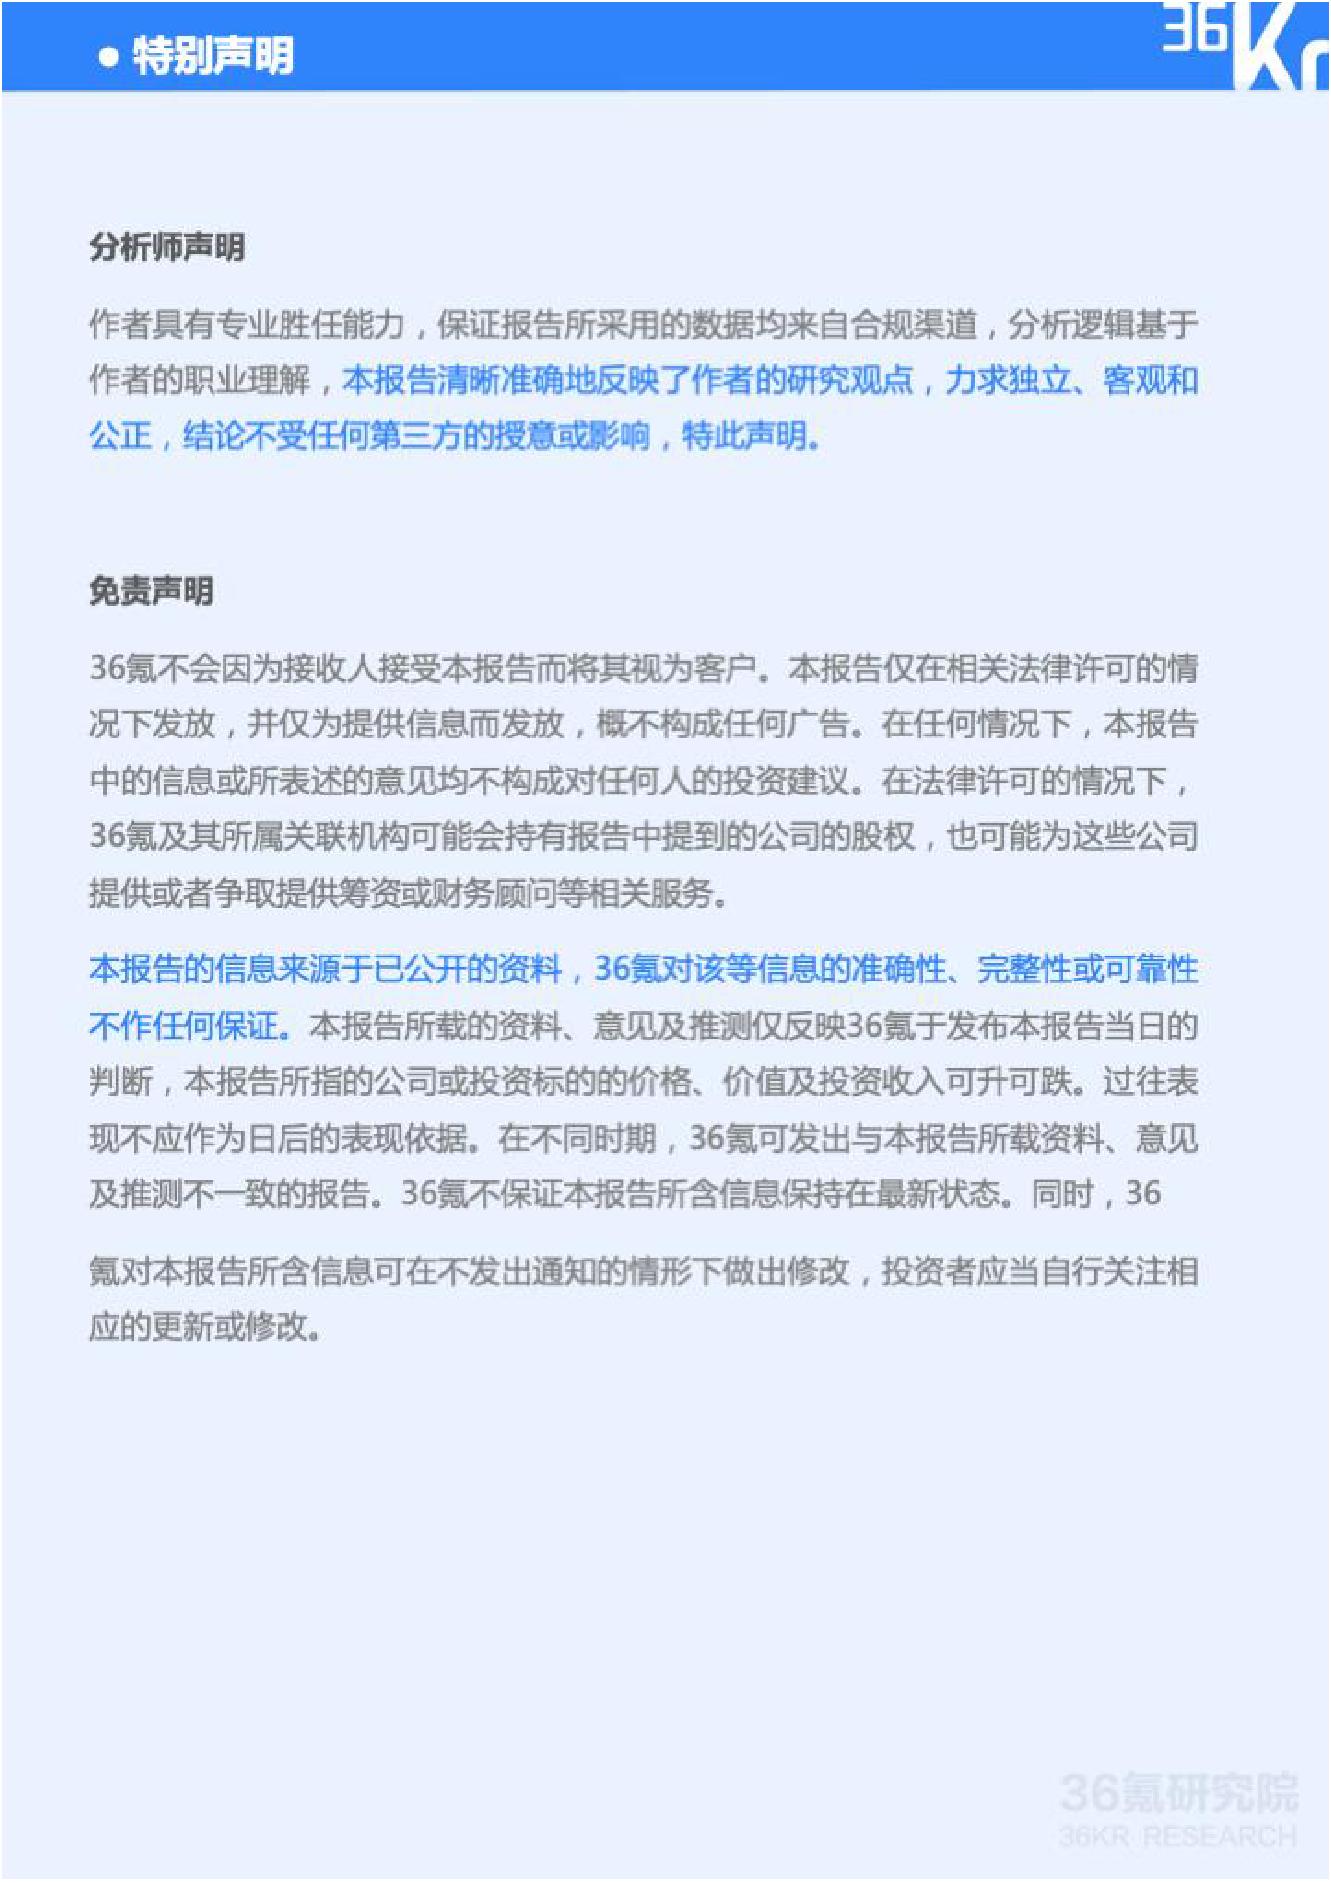 36氪研究院:2020年中国城市人工智能发展指数报告(可下载报告)插图(97)